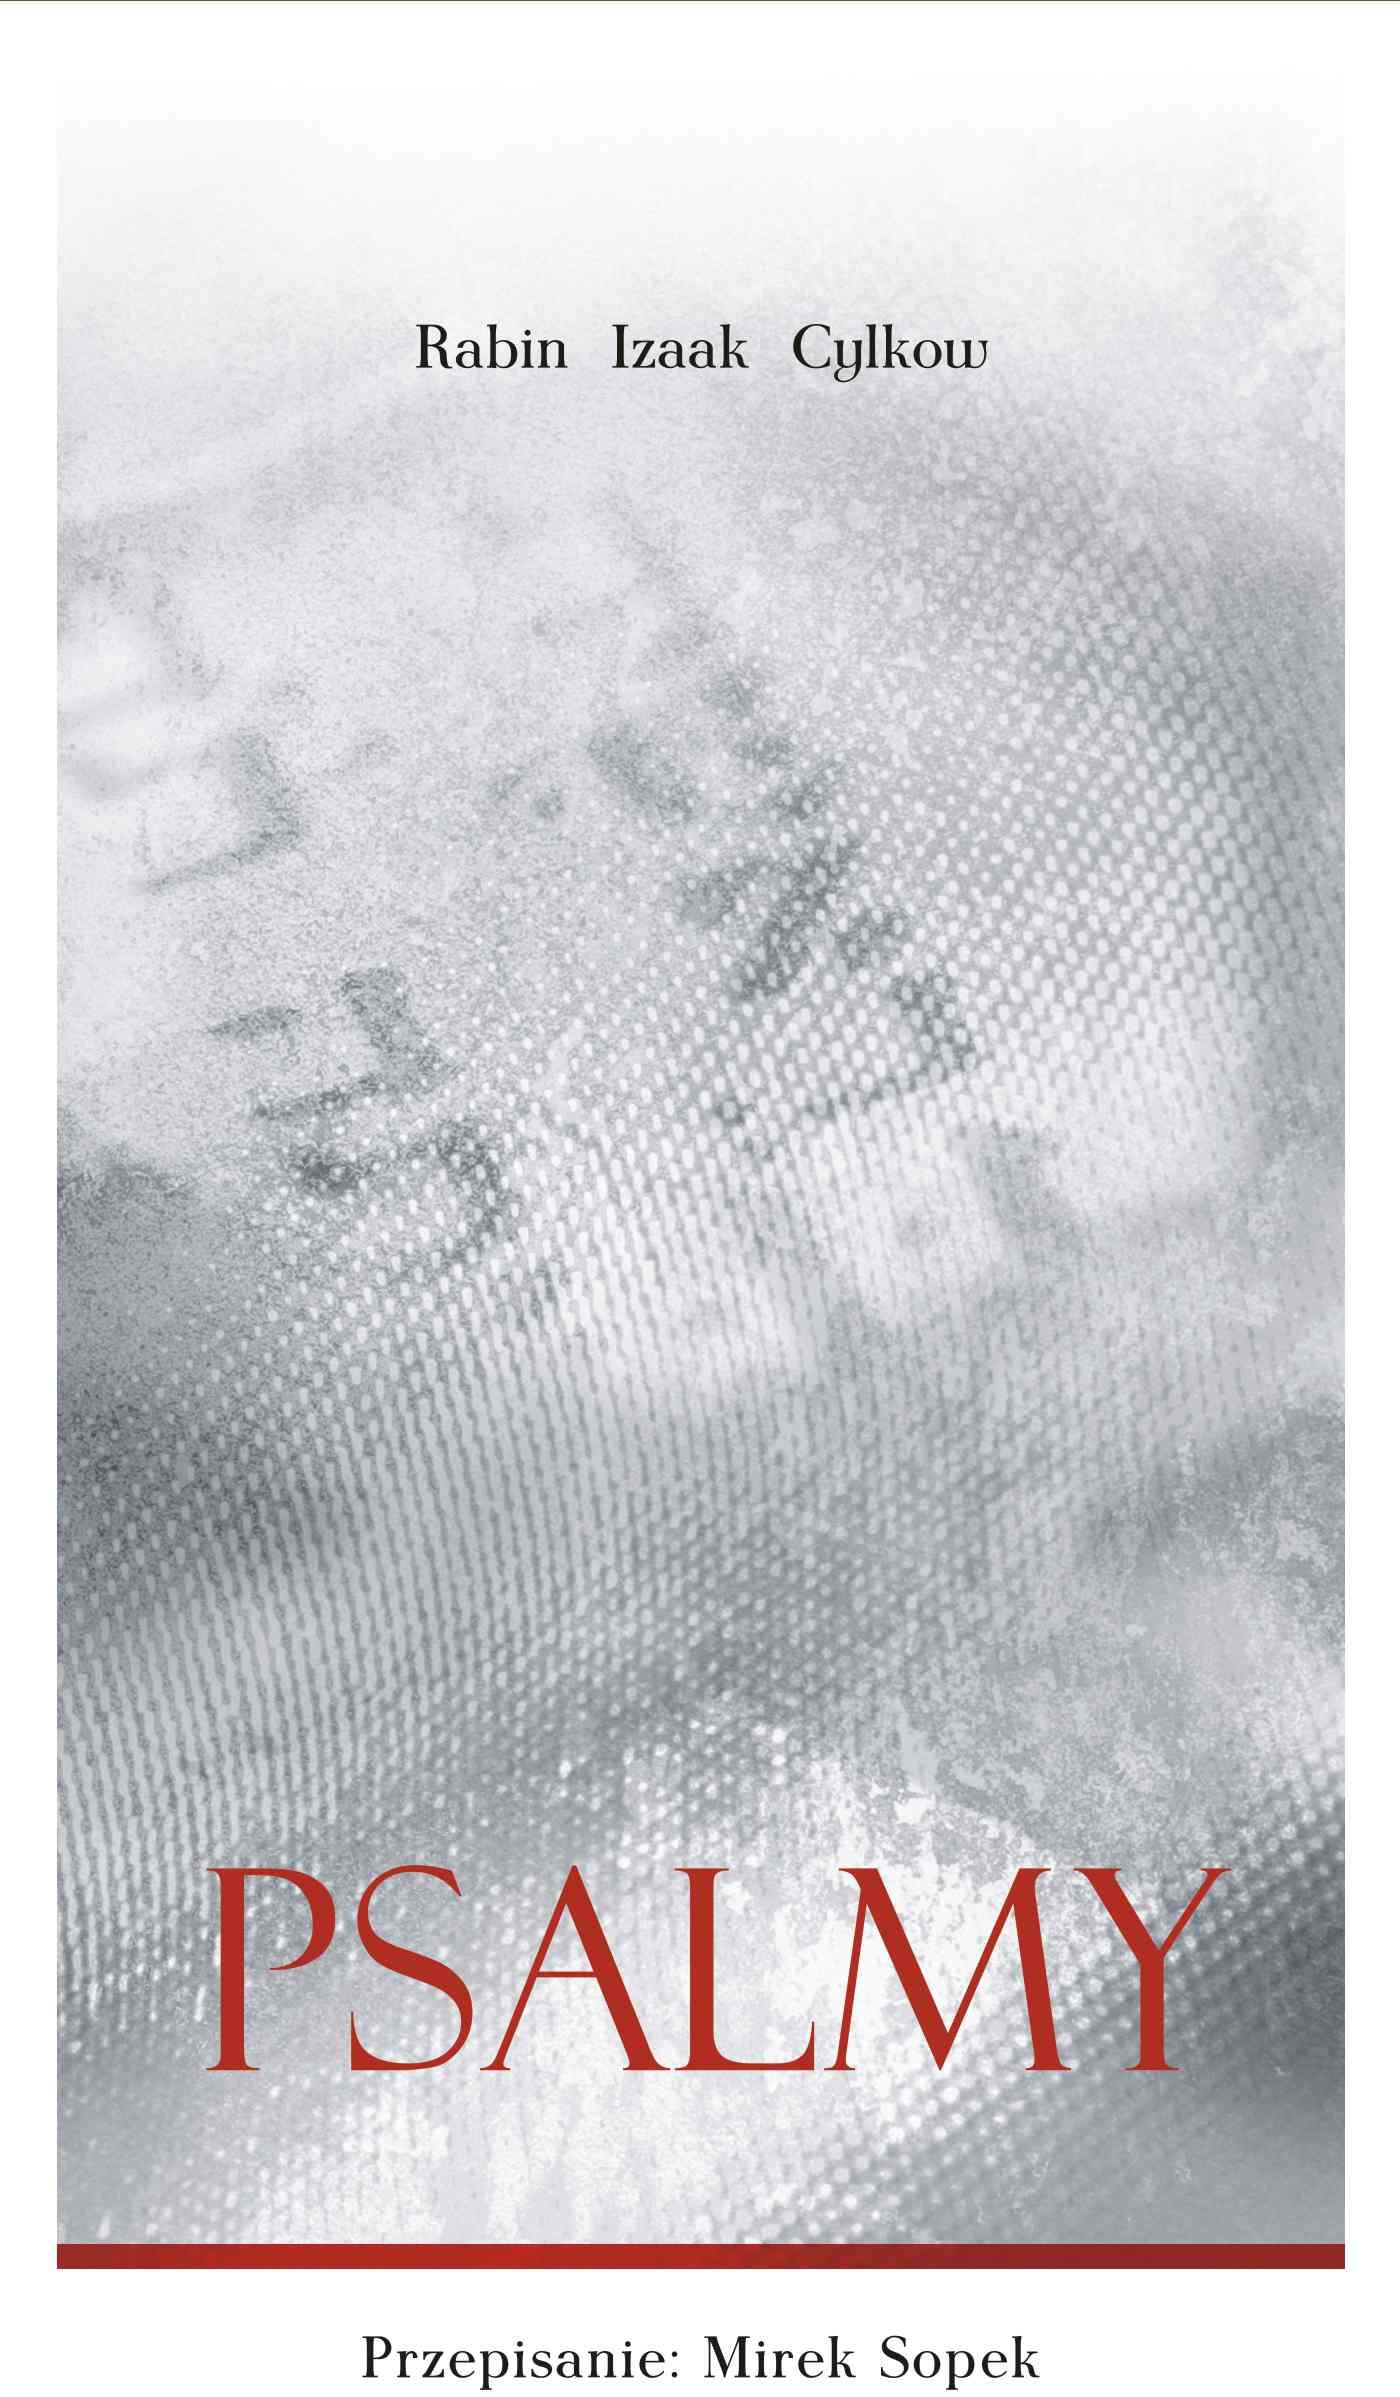 Psalmy Rabina Cylkowa - Ebook (Książka na Kindle) do pobrania w formacie MOBI